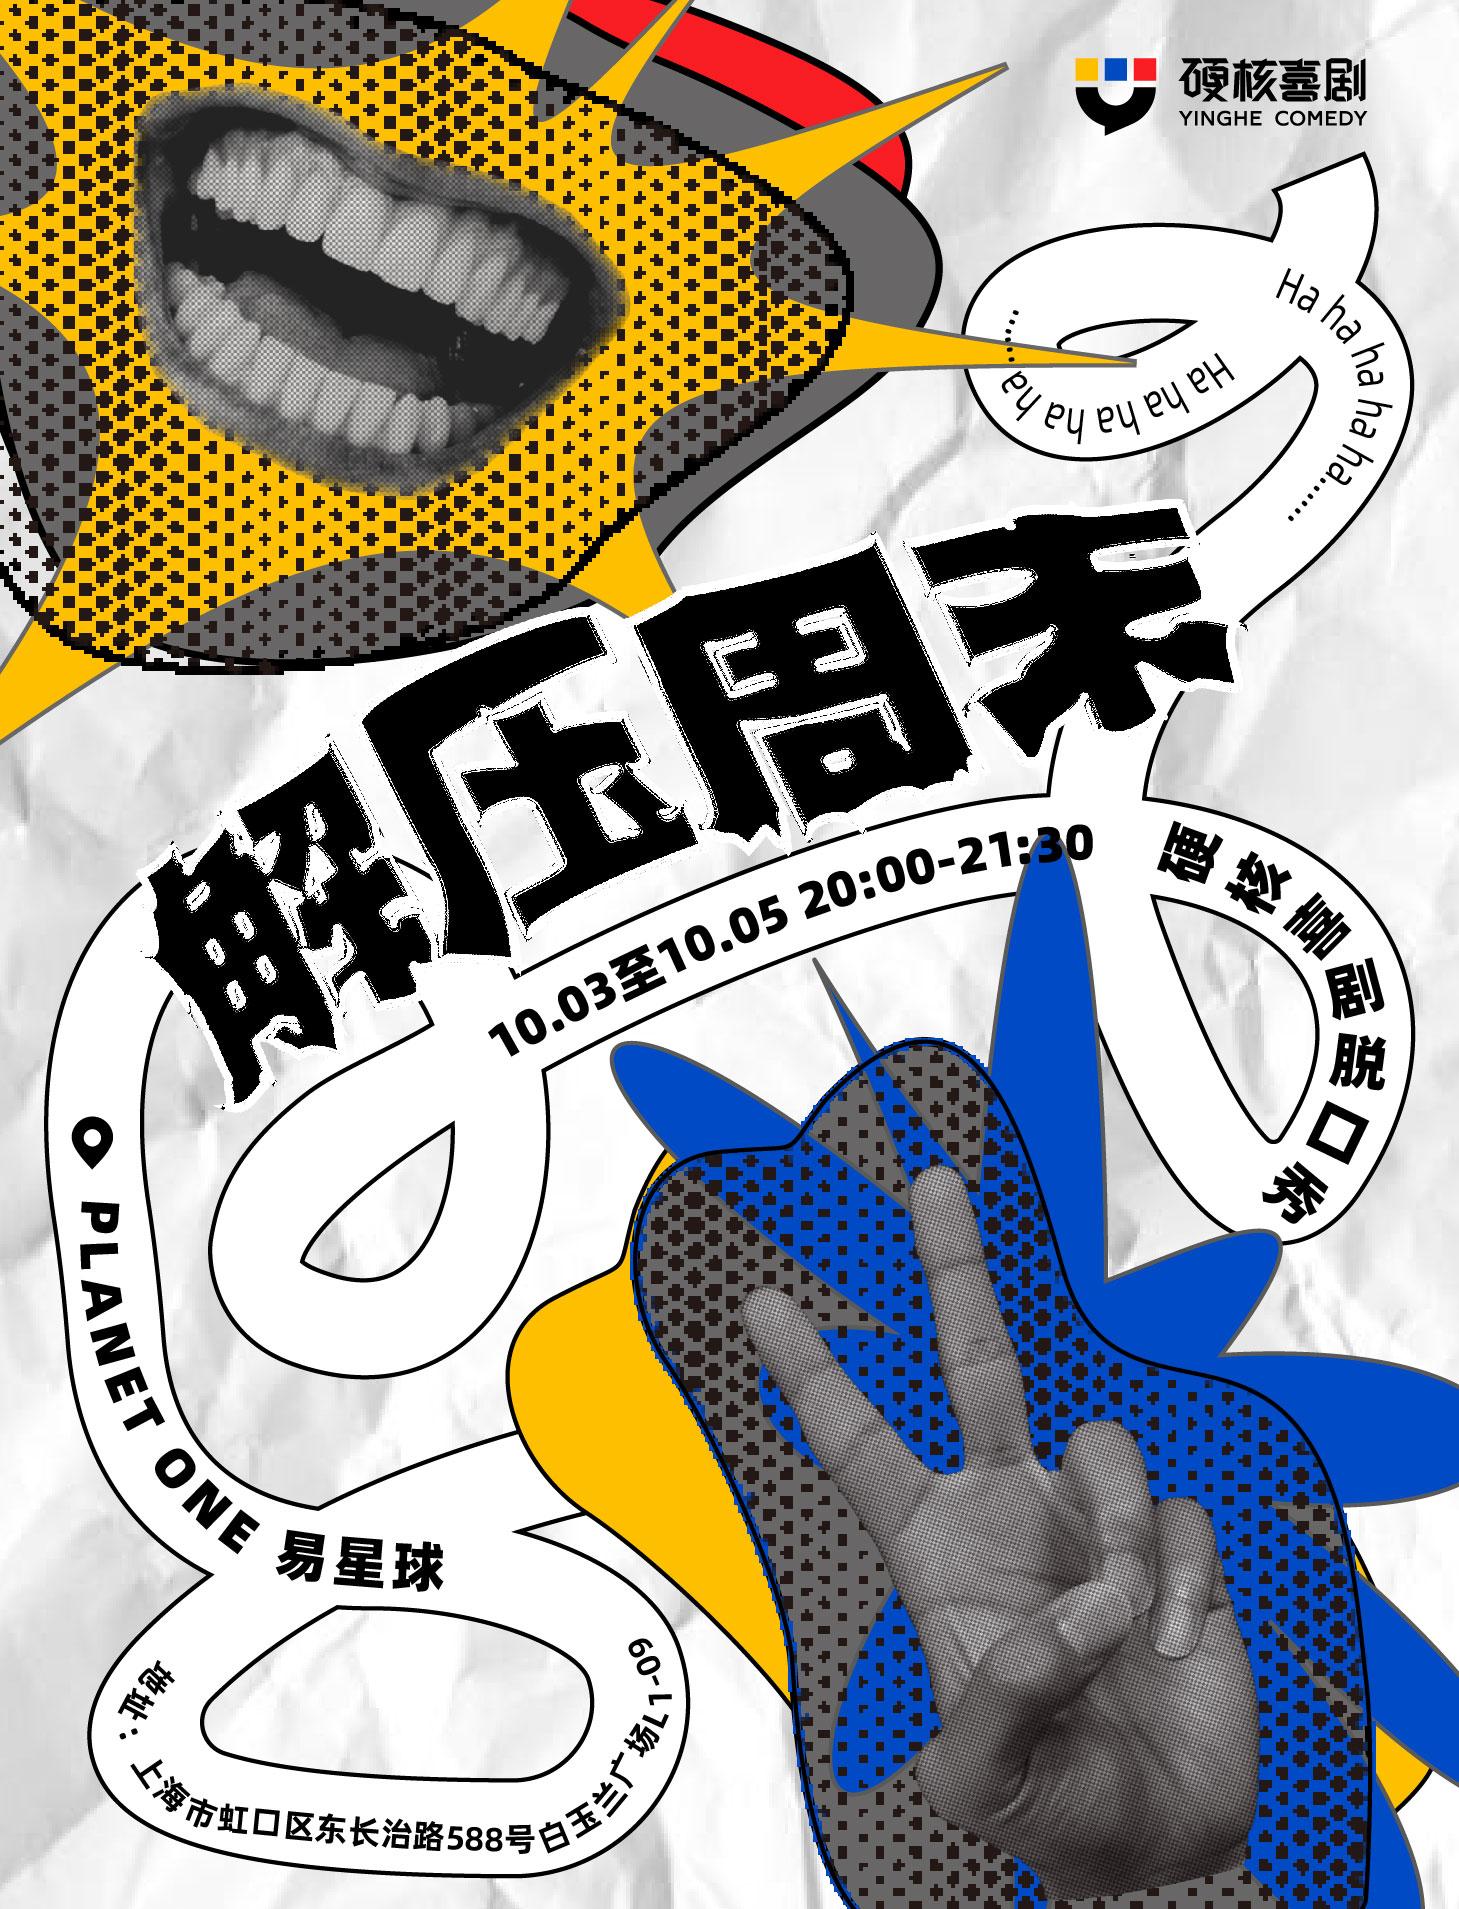 【上海 】解压周末 硬核喜剧脱口秀(白玉兰广场)